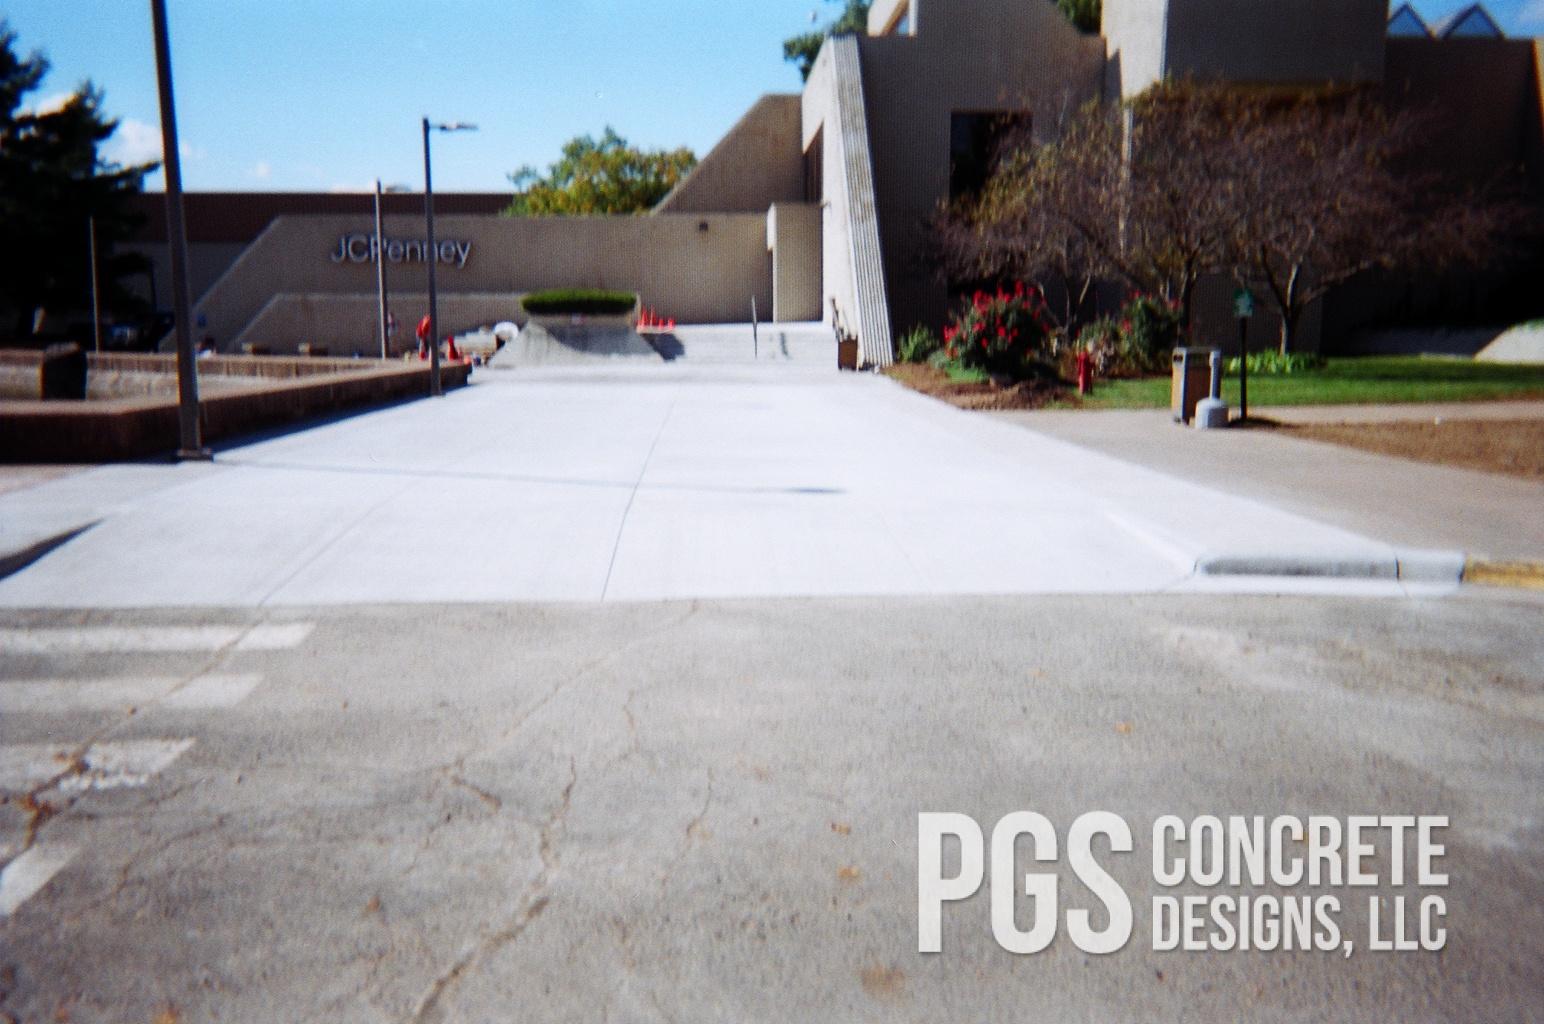 JC Penney Concrete